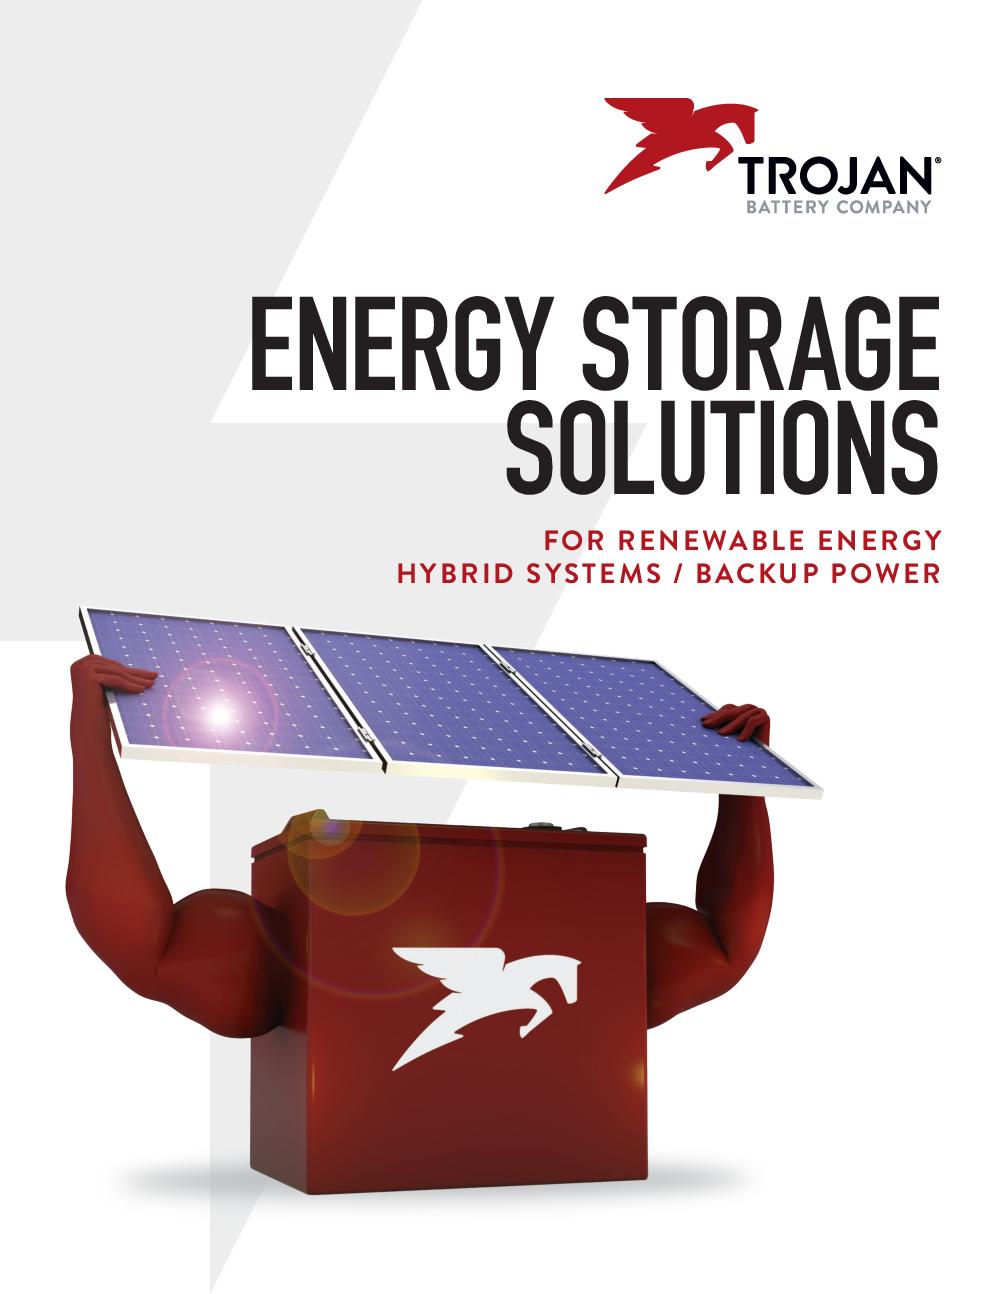 TrojanBattery_RE_brochure